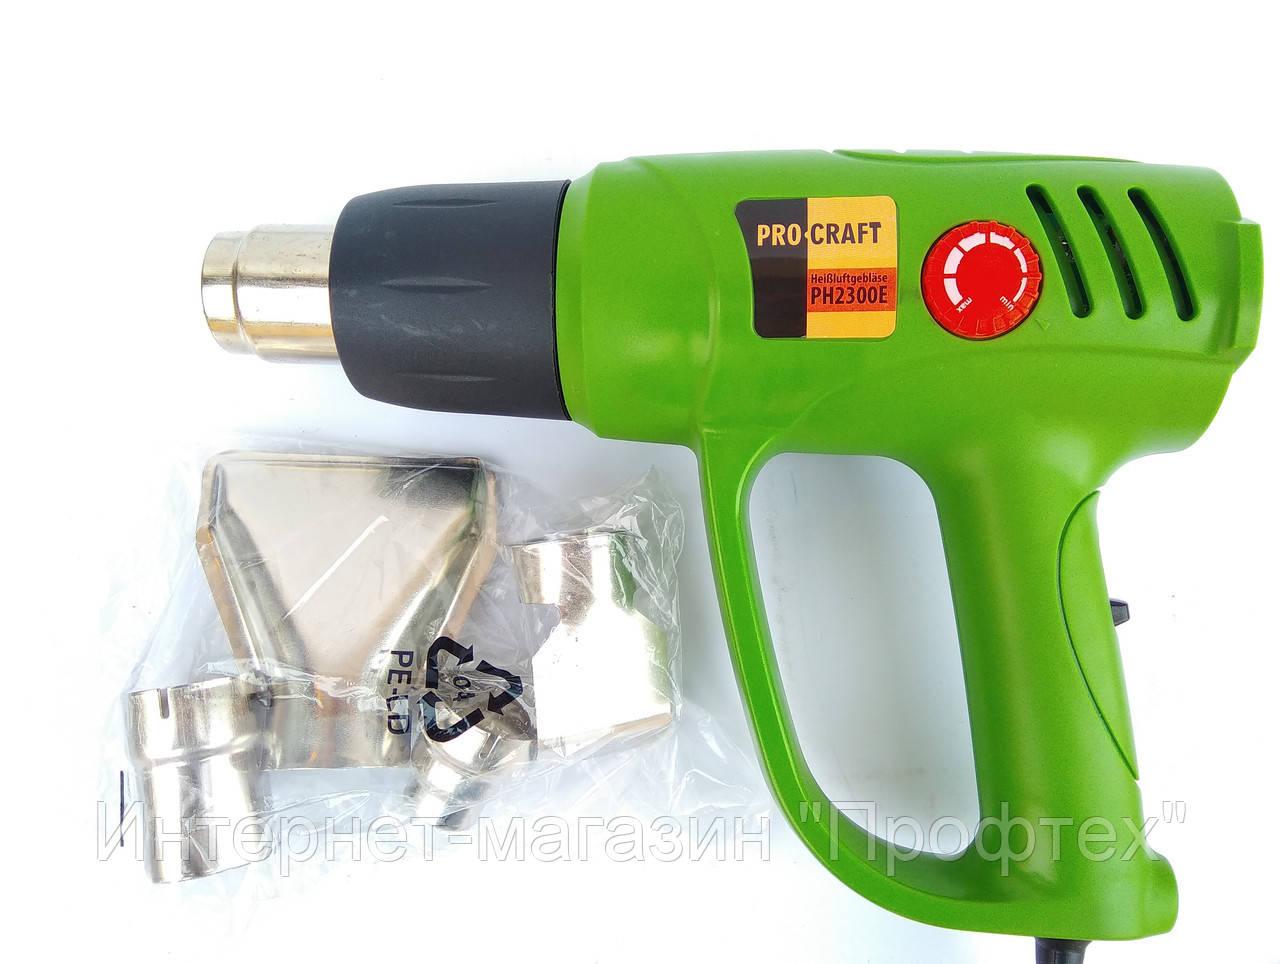 Фен промышленный Procraft РН-2300Е